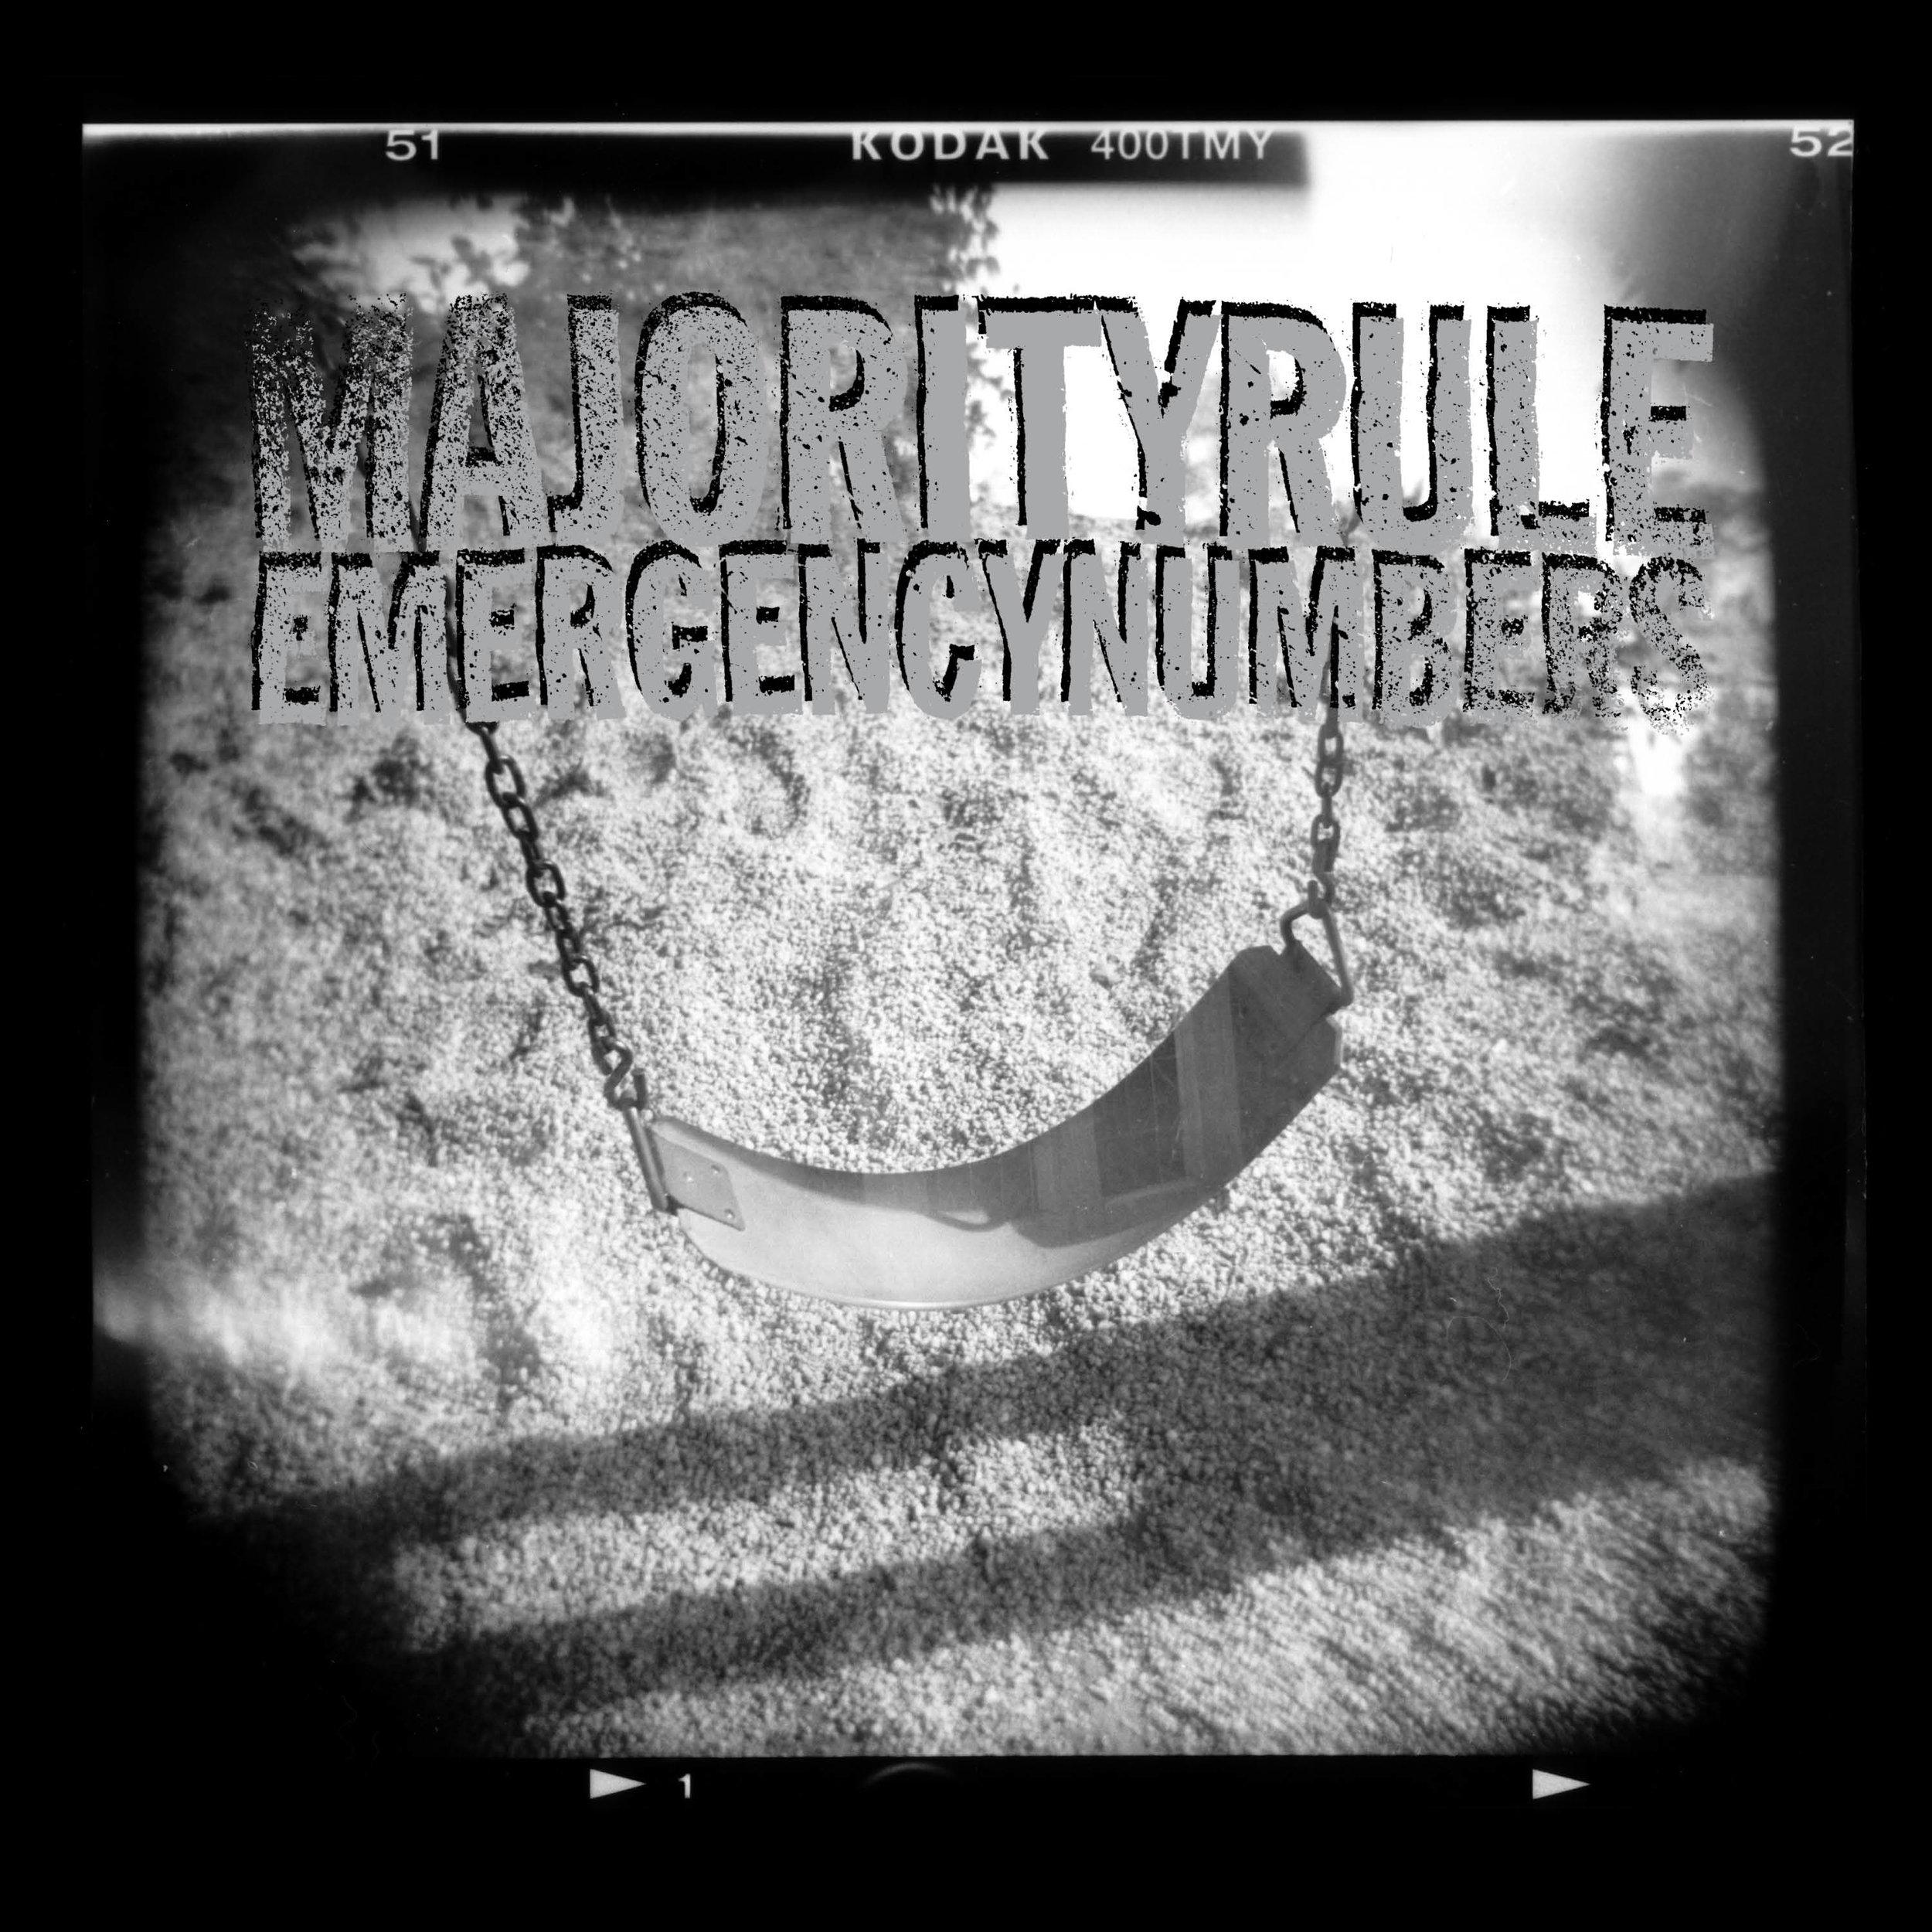 OPS009 - Majority RuleEmergency Numbers LP | Digital